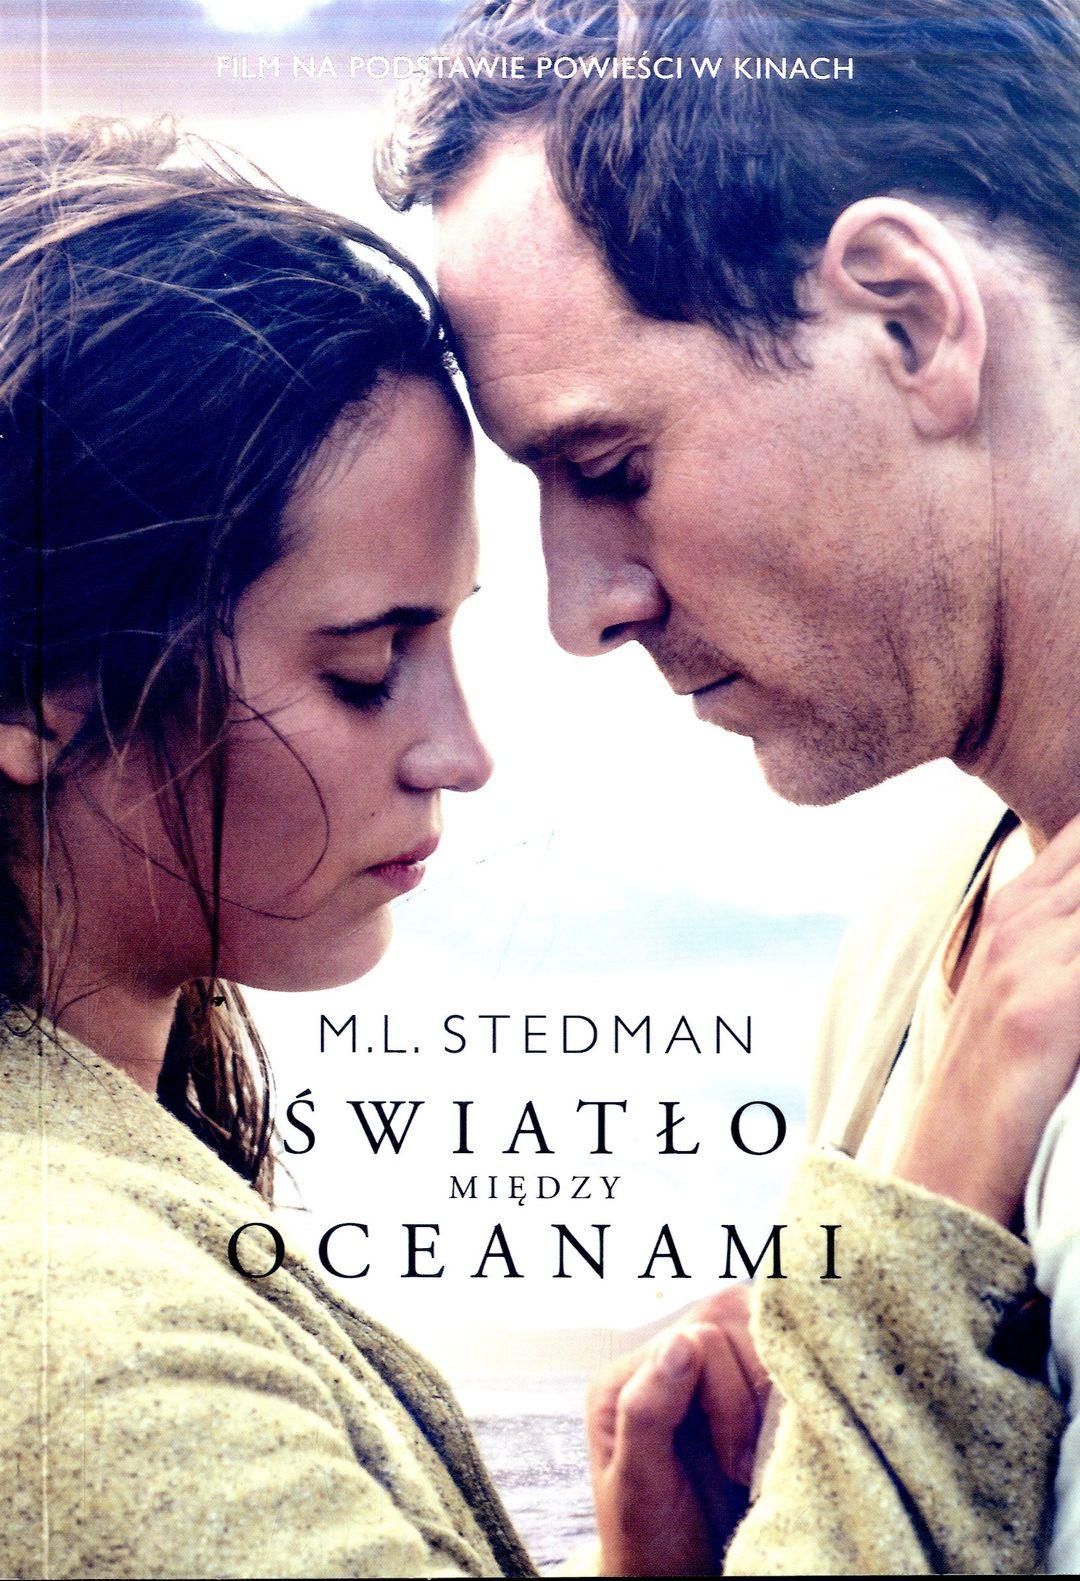 Stedman M. L. – Światło Między Oceanami